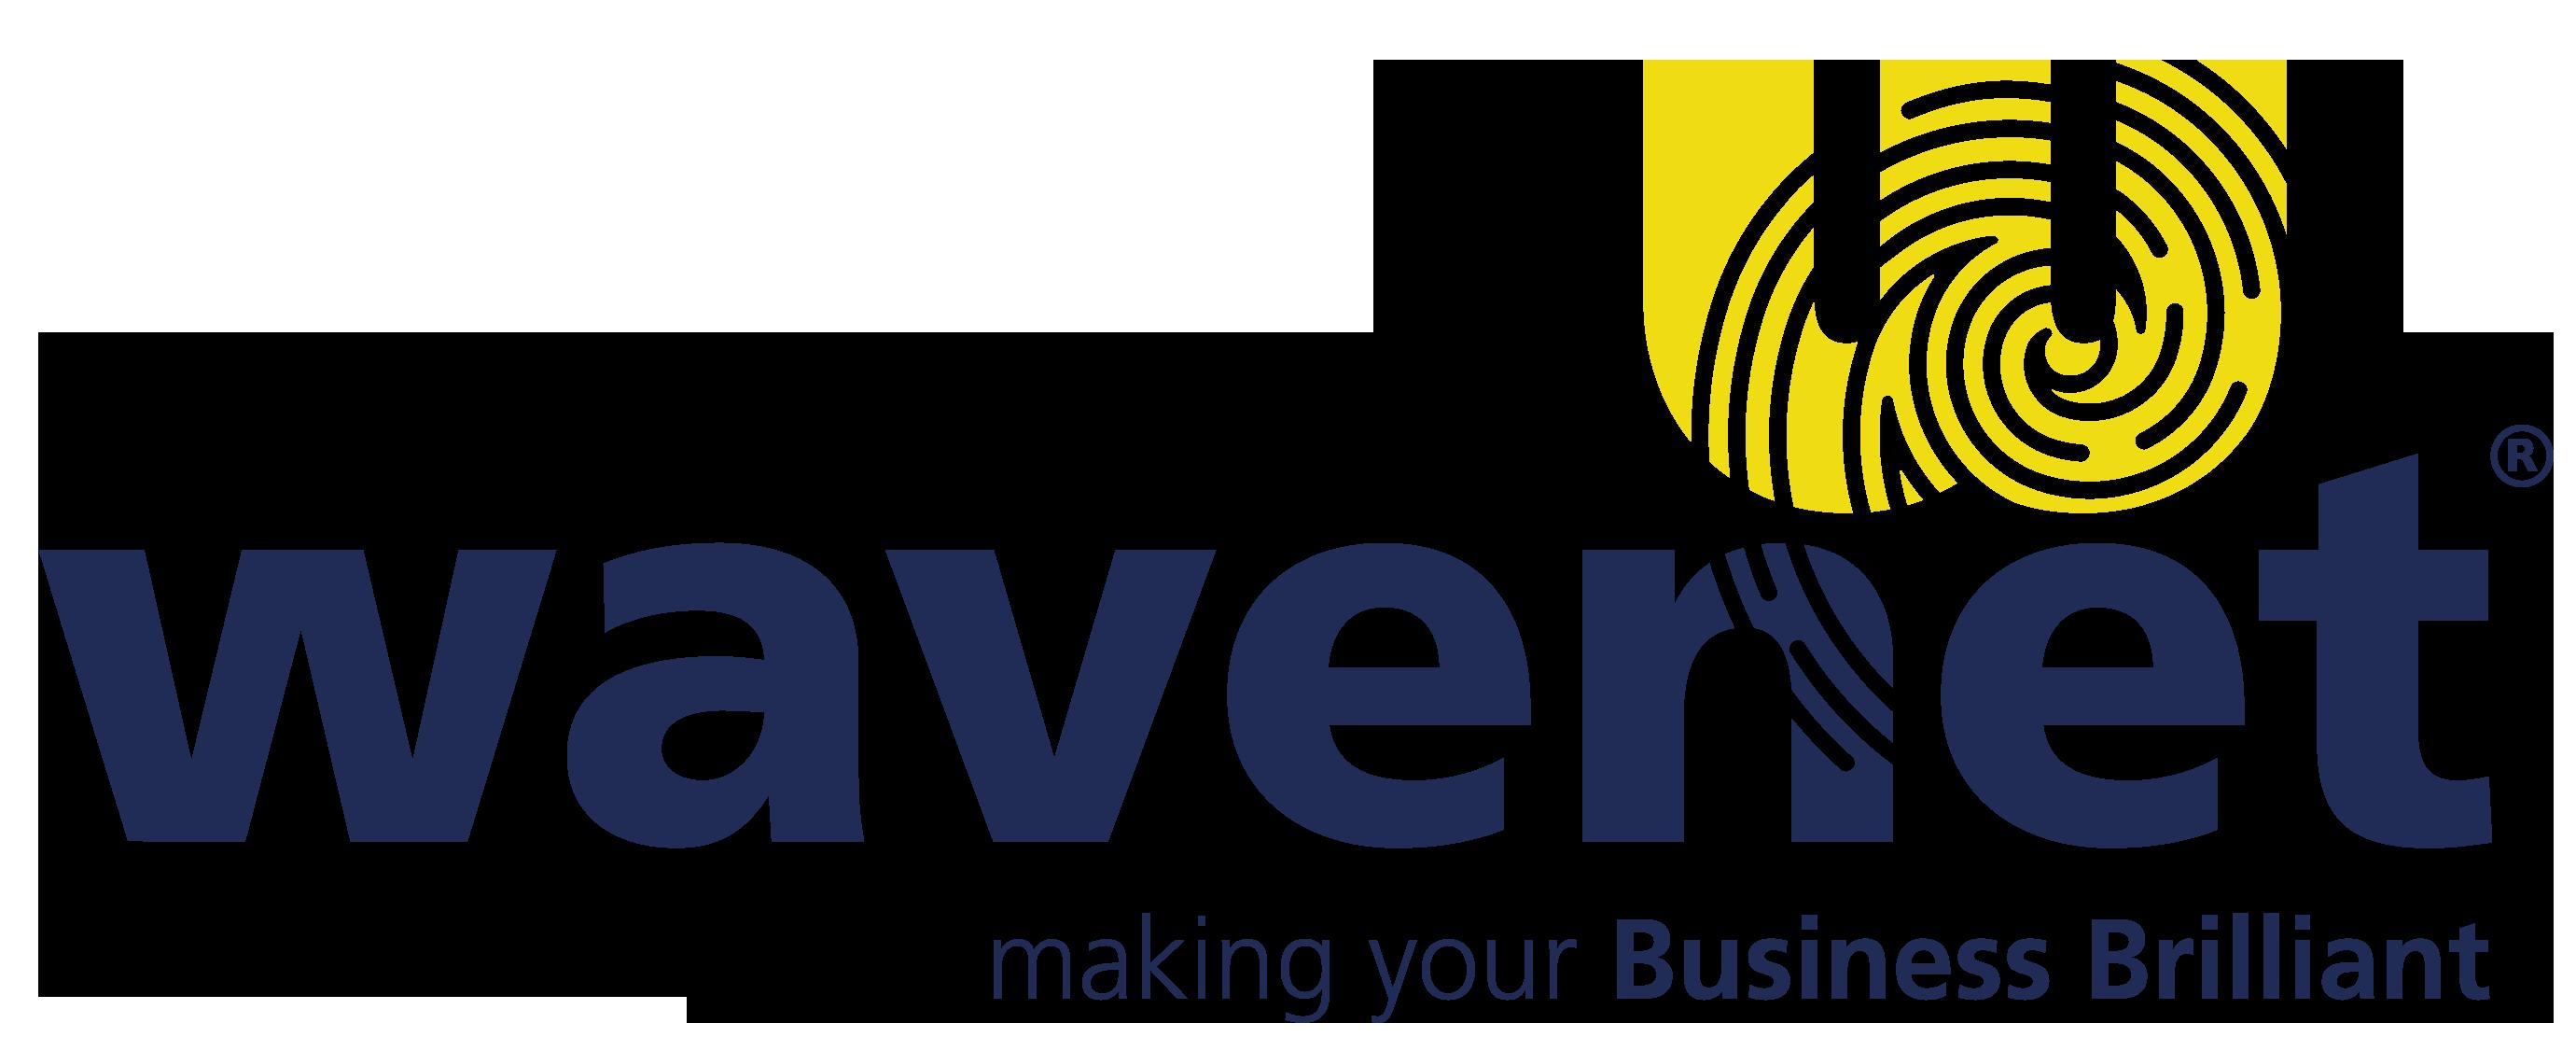 Wavenet UK